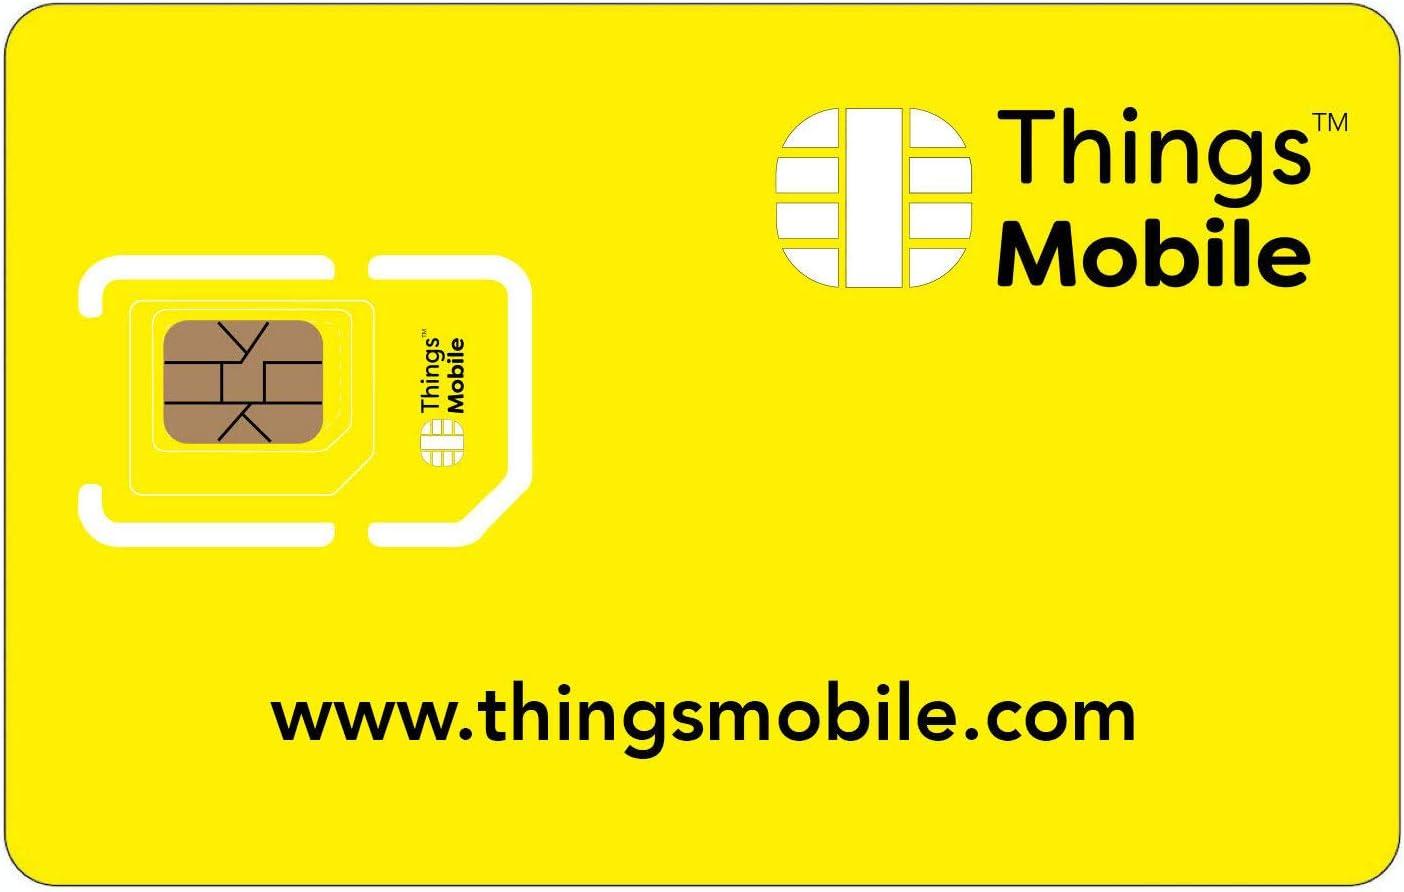 Tarjeta SIM Things Mobile de Prepago para IOT y M2M con Cobertura Global sin costos fijos. Ideal para domótica, rastreadores GPS, telemetría, alarmas, smart city, automotive. Crédito incluido.